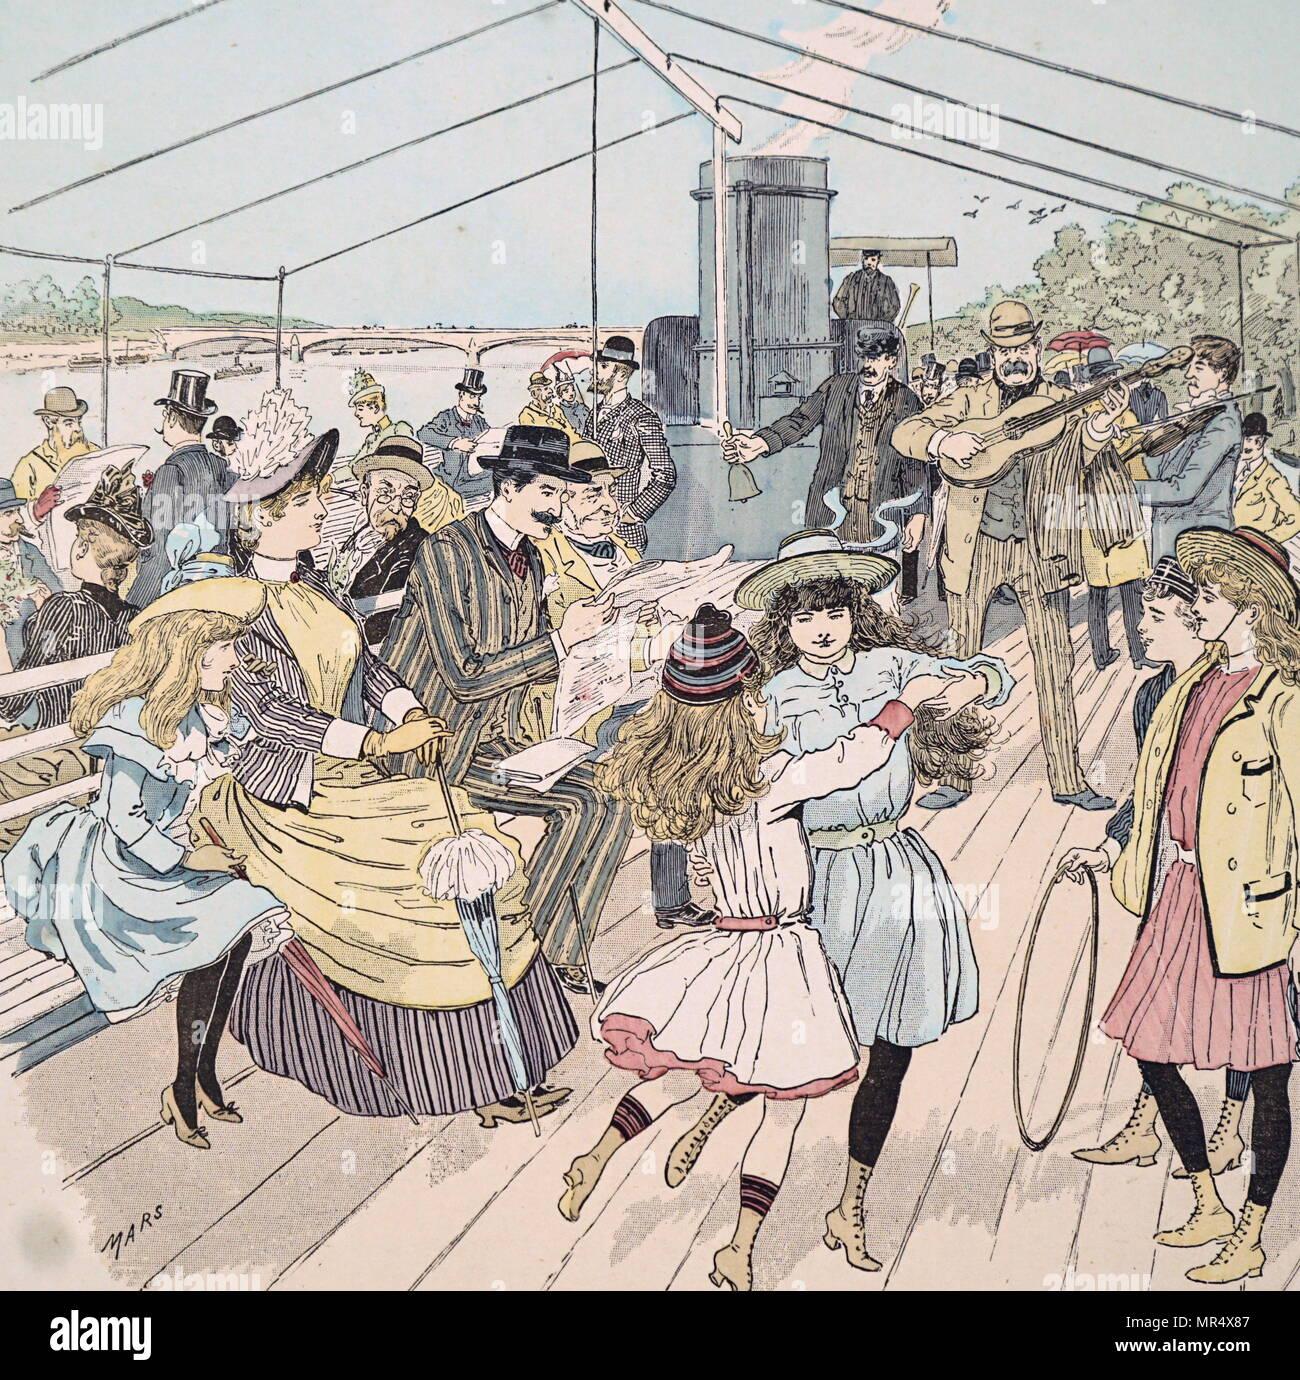 Ilustración en color representando londinenses disfrutando de viaje junto a un río en París en un barco de recreo de vapor. Ilustrado por Marte (Maurice Bonvoisin) (1849-1912), un ilustrador francés. Fecha del siglo XIX Imagen De Stock